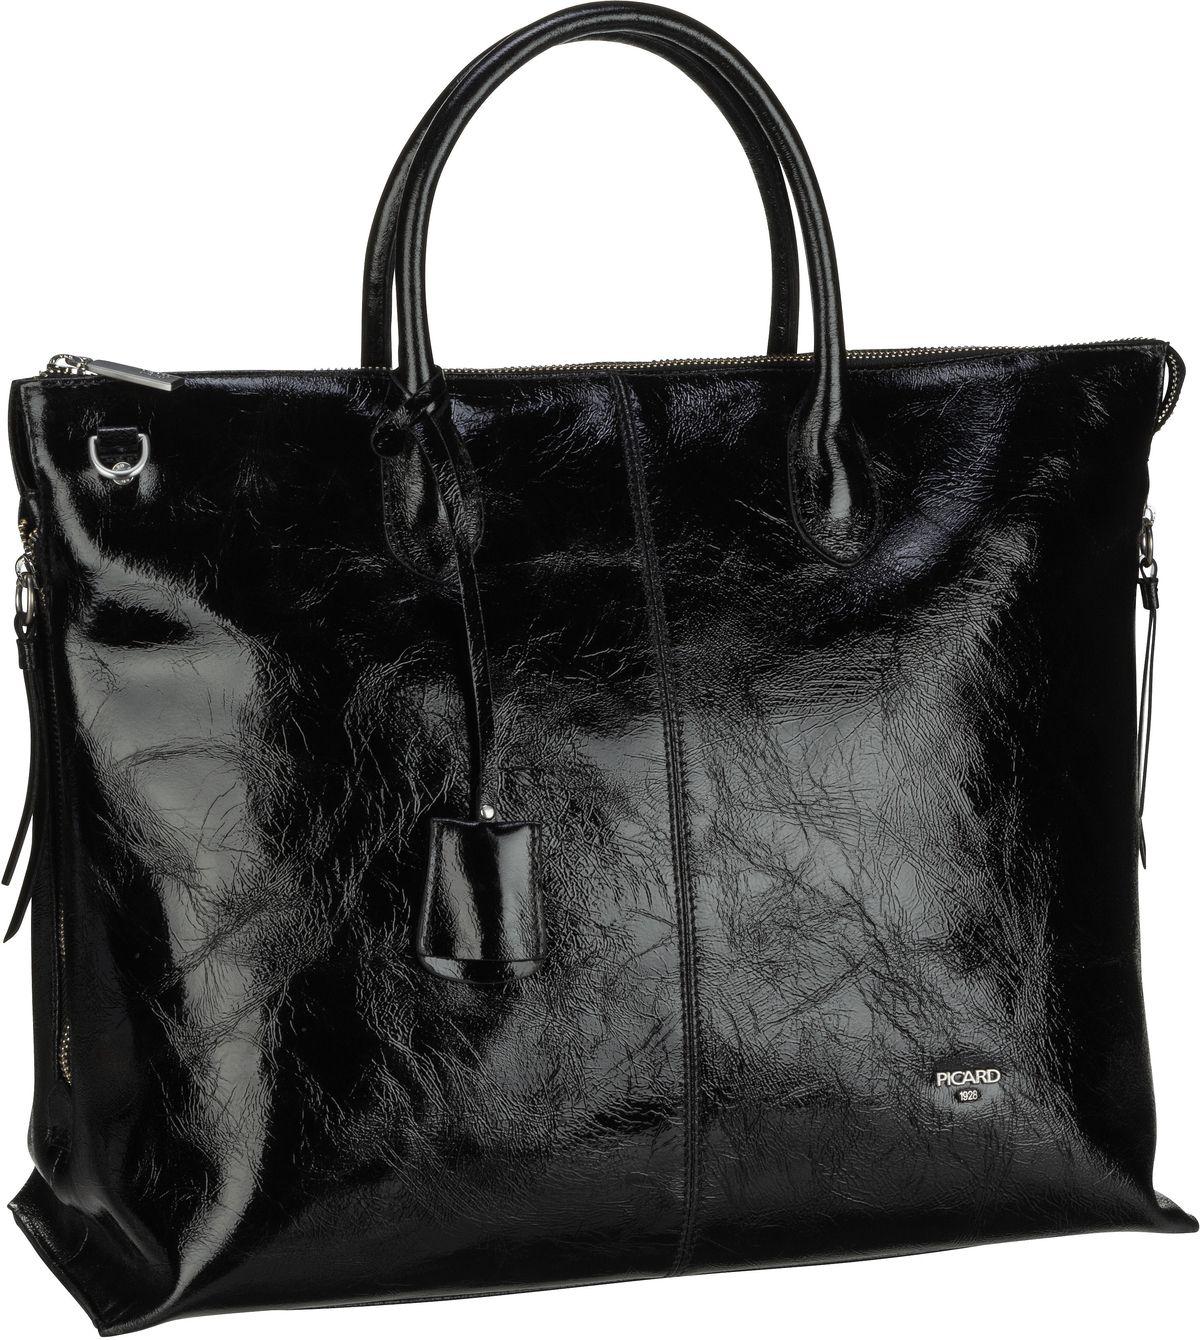 Handtasche Brilliance 5037 Schwarz